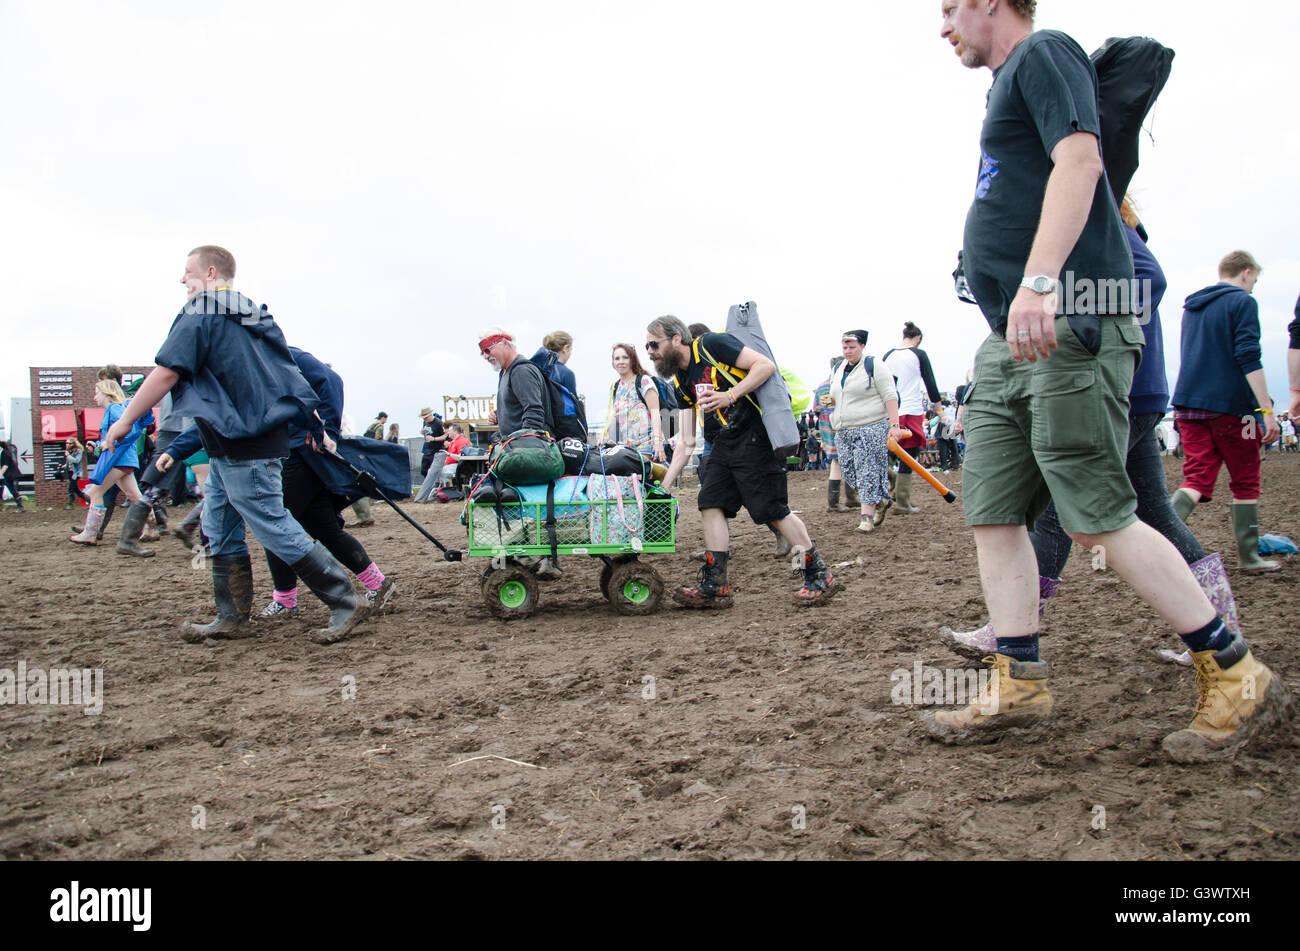 Los fans llegan a descargar tirando de camiones de equipo para acampar en el lodo profundo después de las tormentas Imagen De Stock